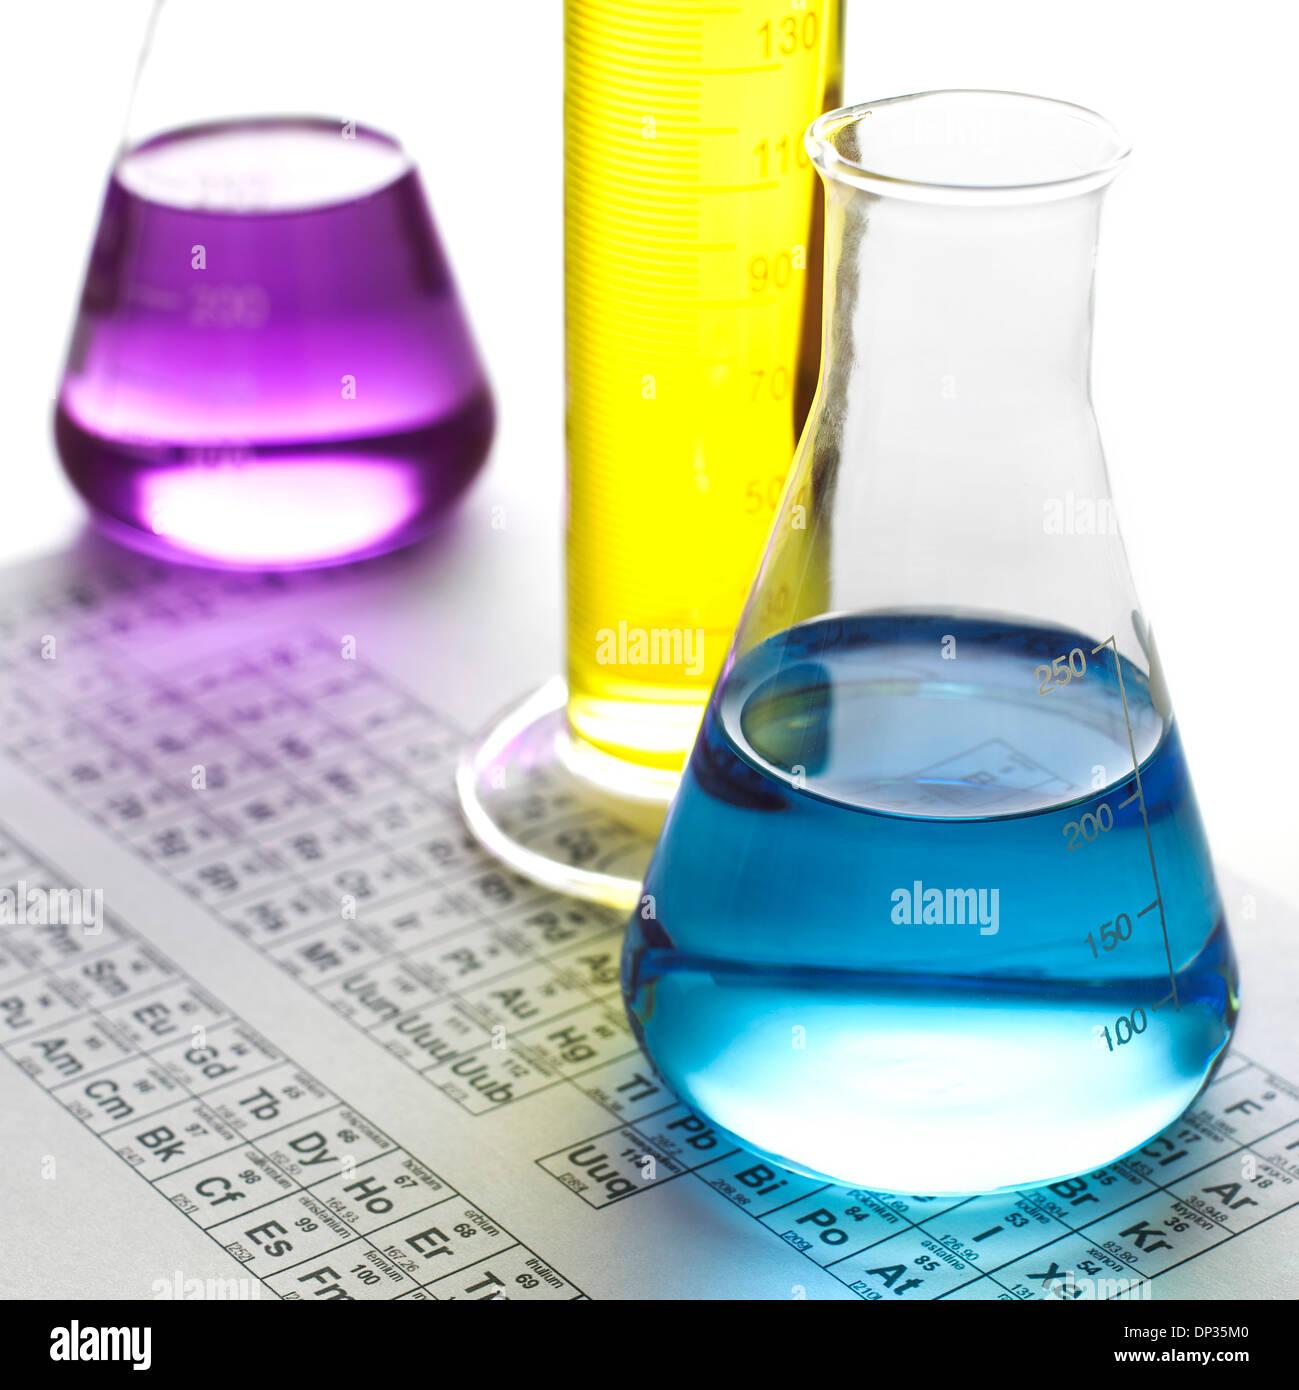 La investigación química, imagen conceptual Imagen De Stock